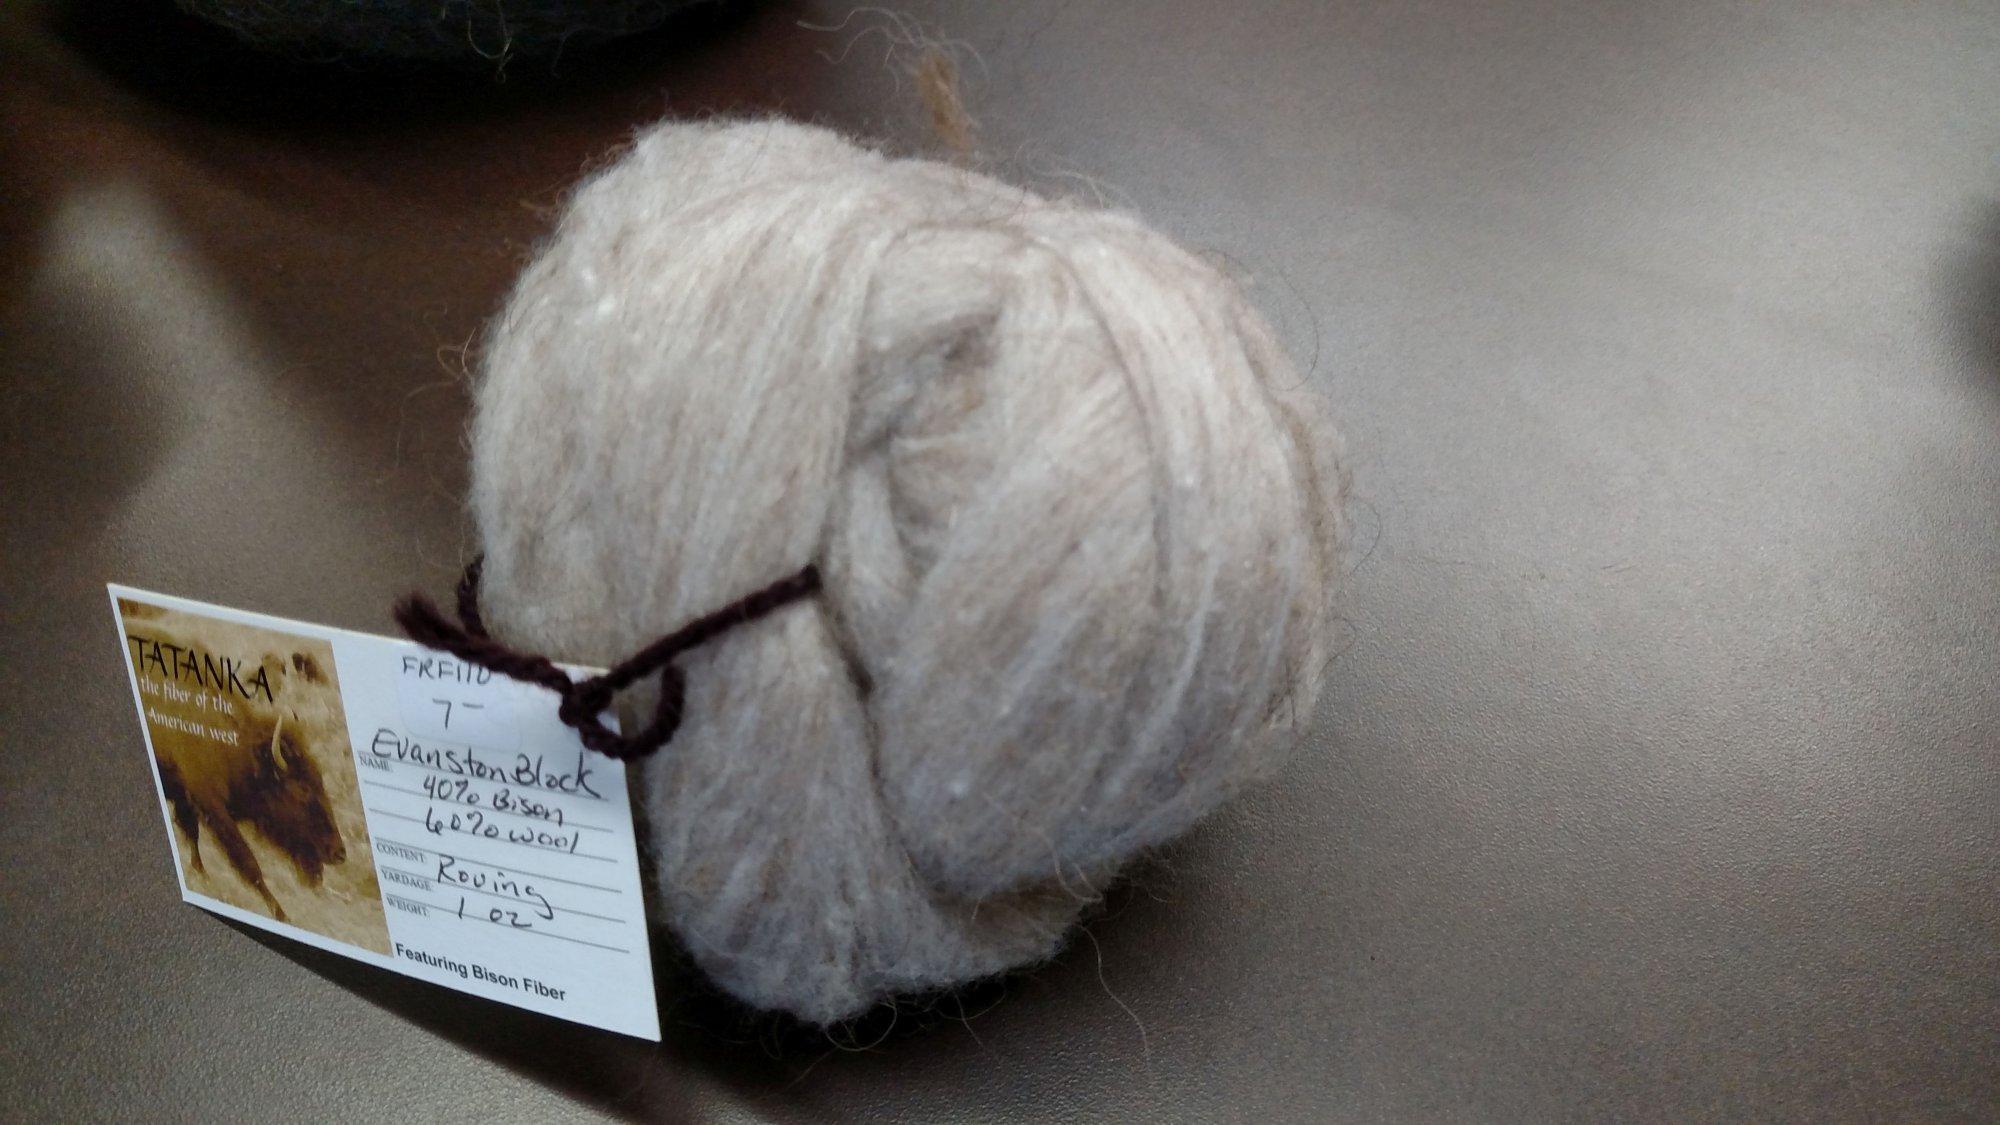 Roving Bison - 40 / Wool 60 1 Oz Evanston Block